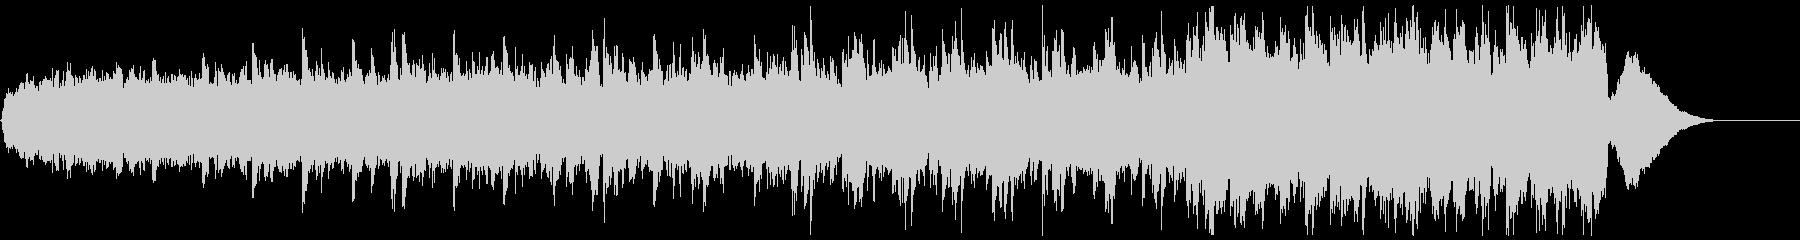 背景音 サスペンス 5 の未再生の波形